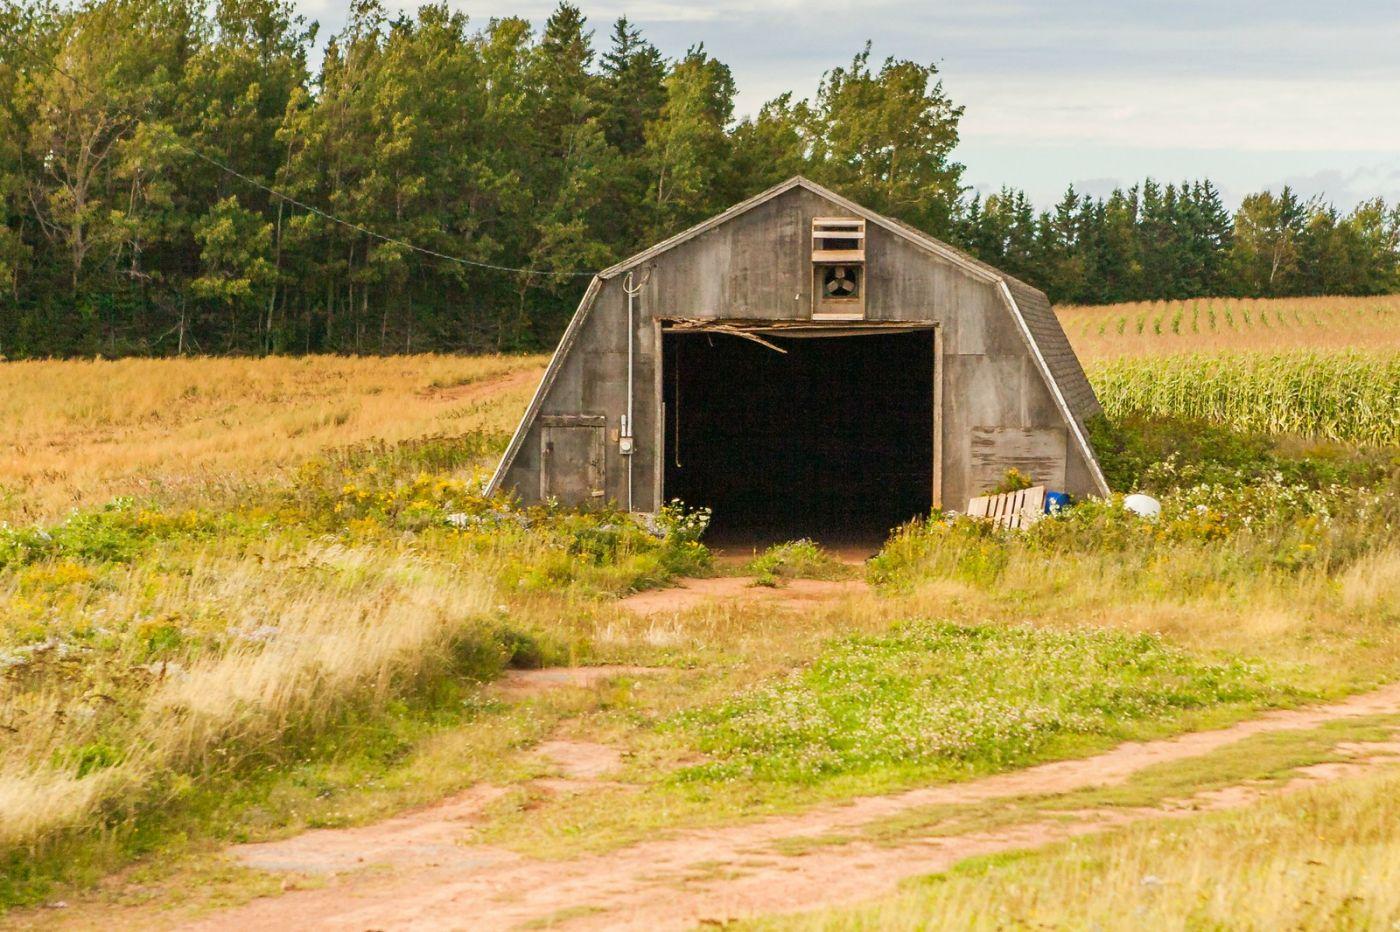 加拿大旅途,乡村的幸福生活_图1-8